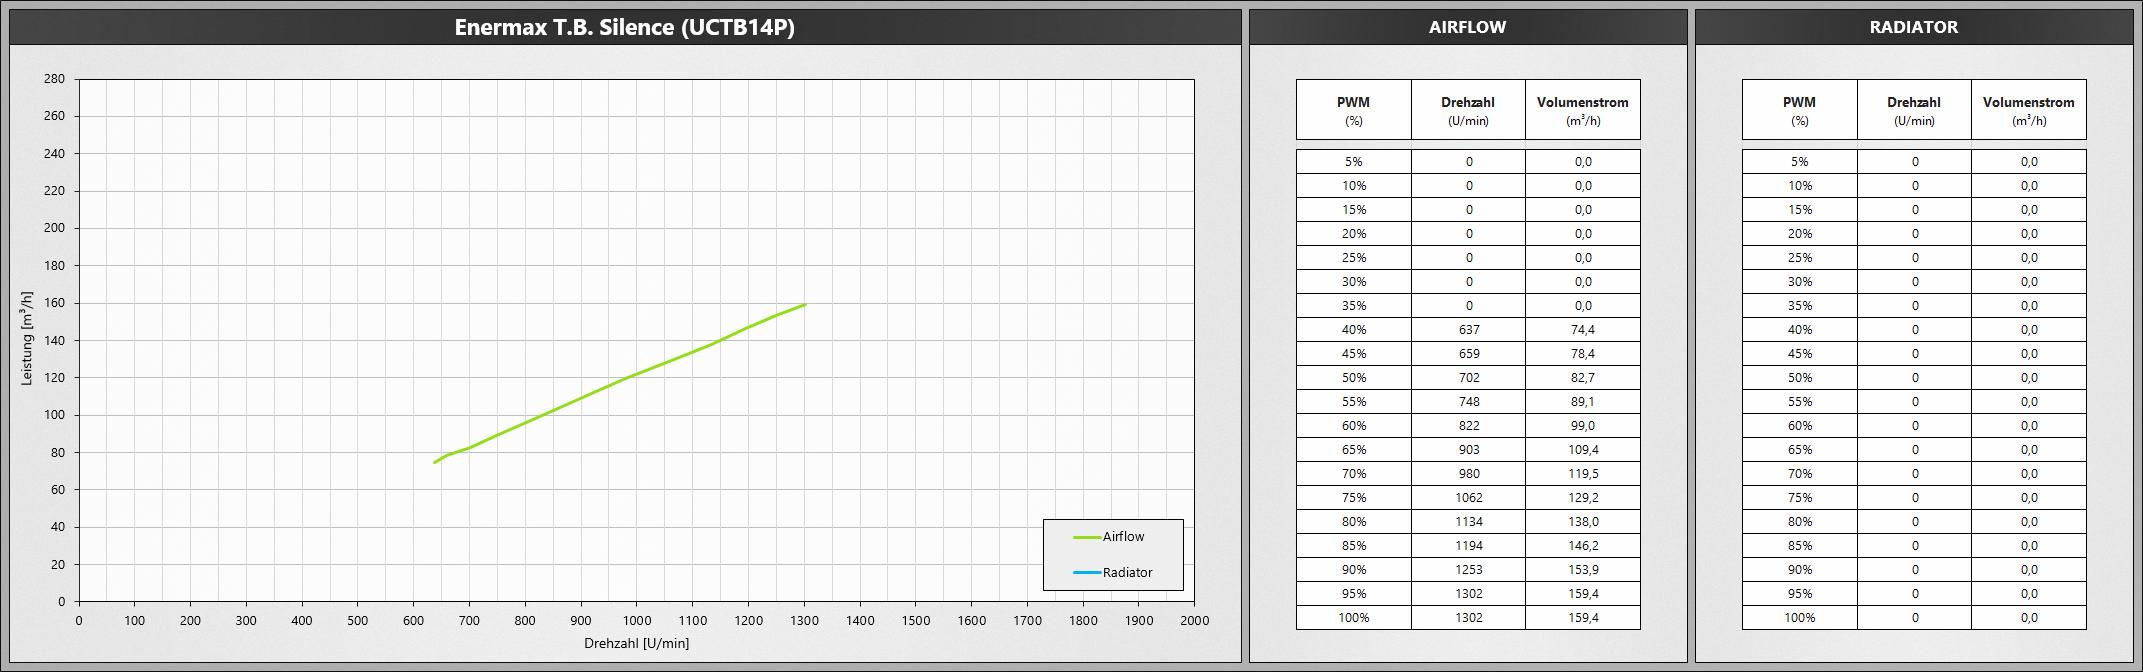 Klicken Sie auf die Grafik für eine größere Ansicht  Name:EnermaxUCTB14P.png Hits:664 Größe:464,0 KB ID:1074761